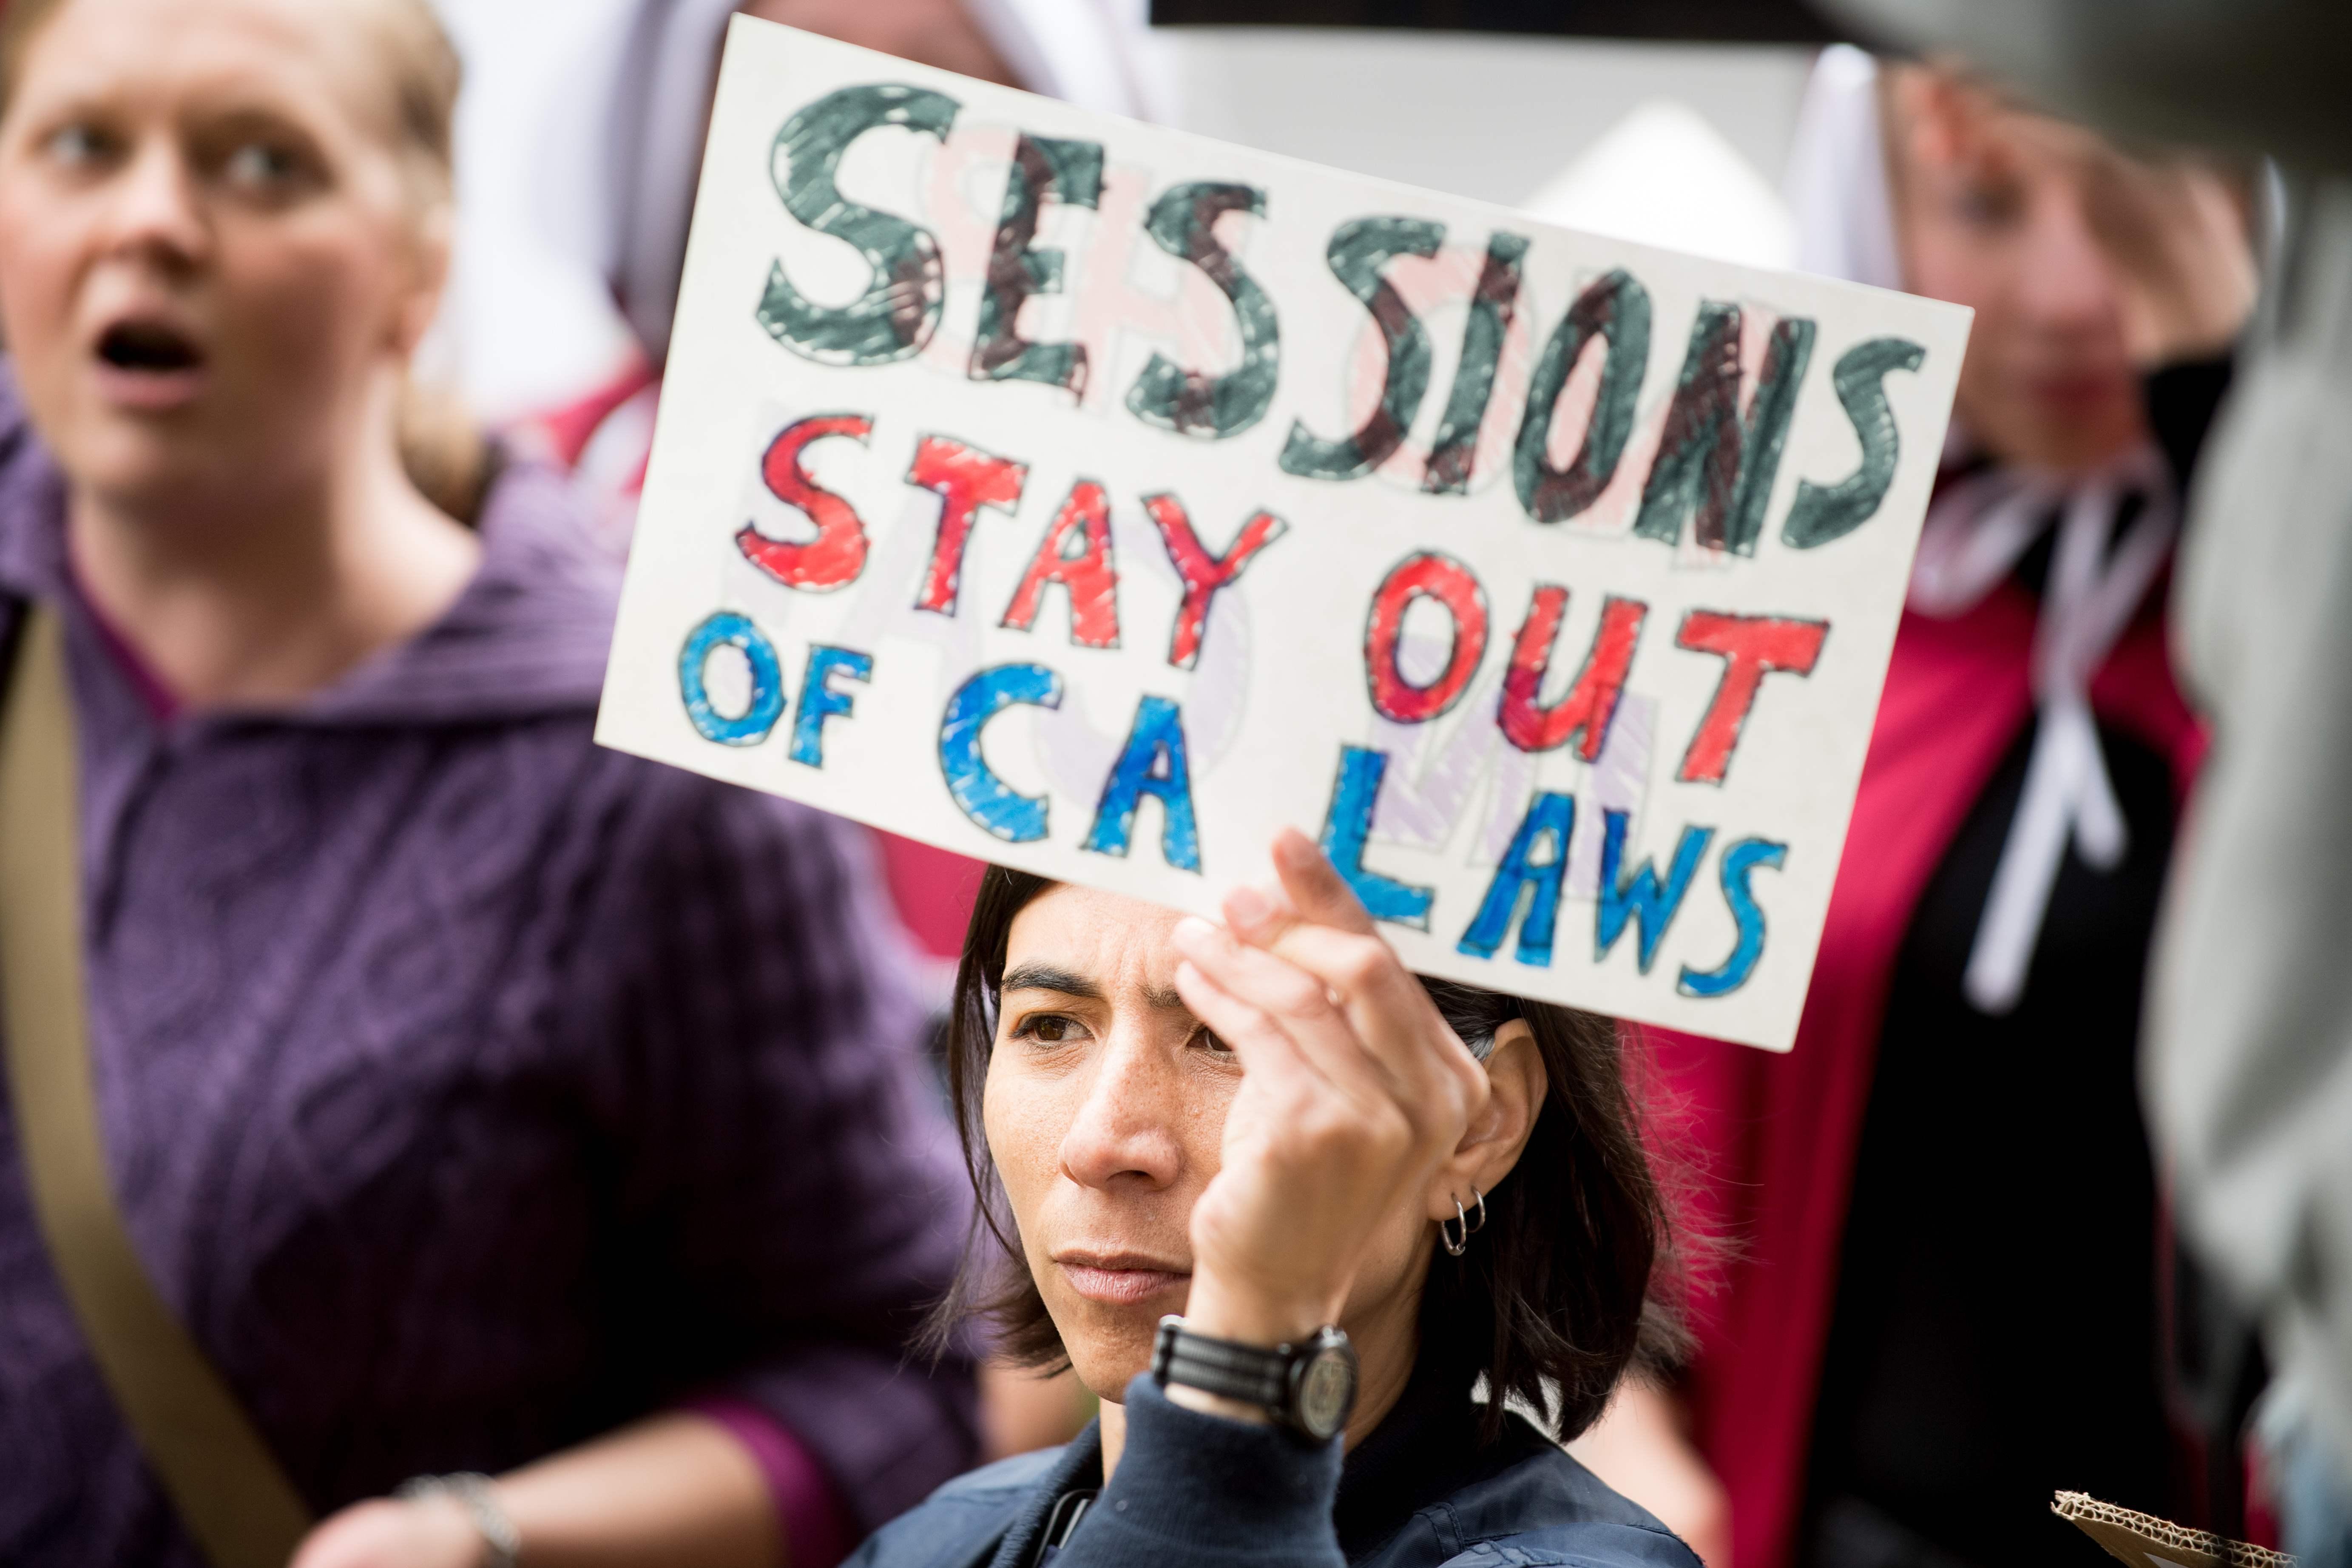 示威者要求塞辛斯勿插手加州事務。(Getty Images)